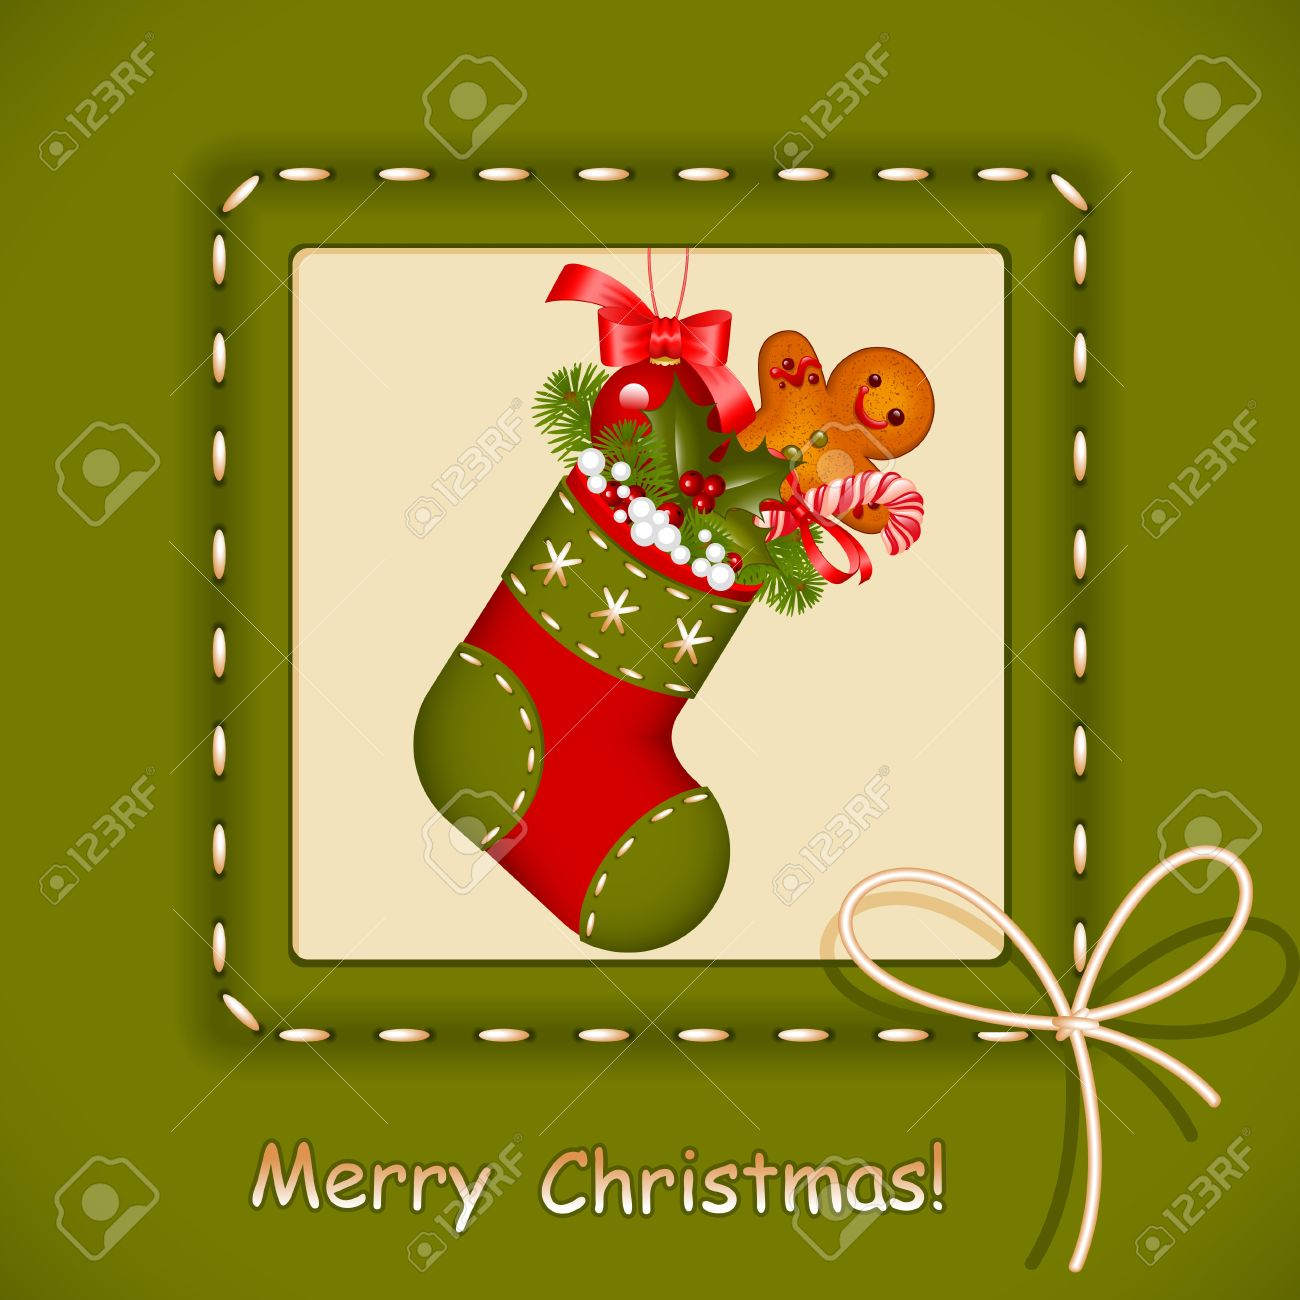 foto de archivo tarjeta de navidad media con bola roja de navidad galletas dulces y bayas de acebo en el marco con el arco